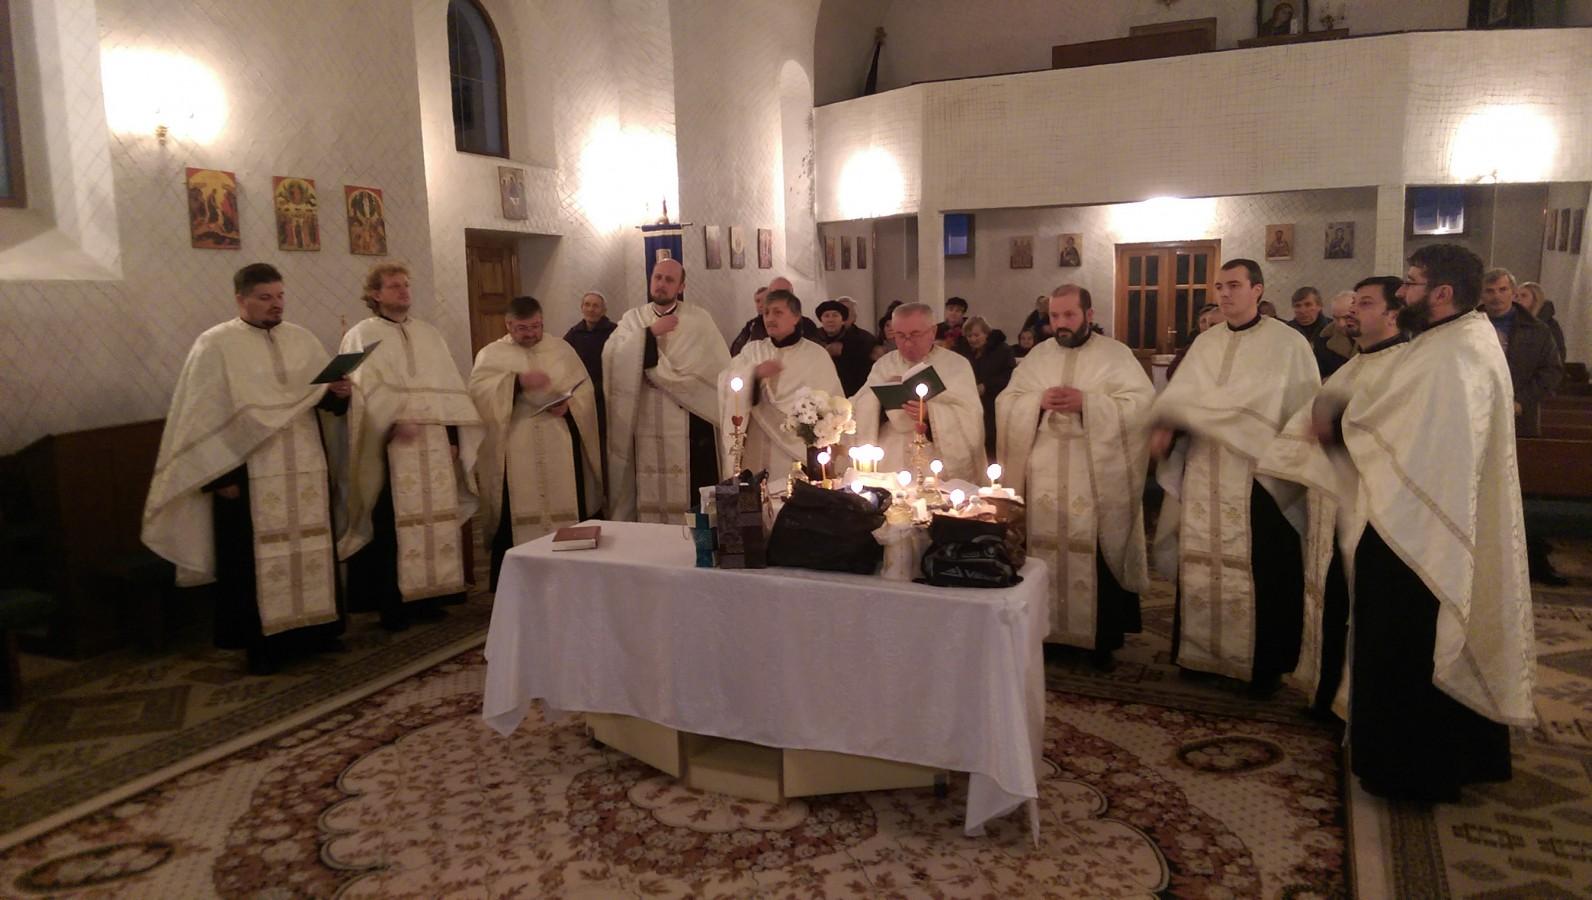 Întâlnire duhovnicească în parohia Pata, înainte de începerea postului Crăciunului